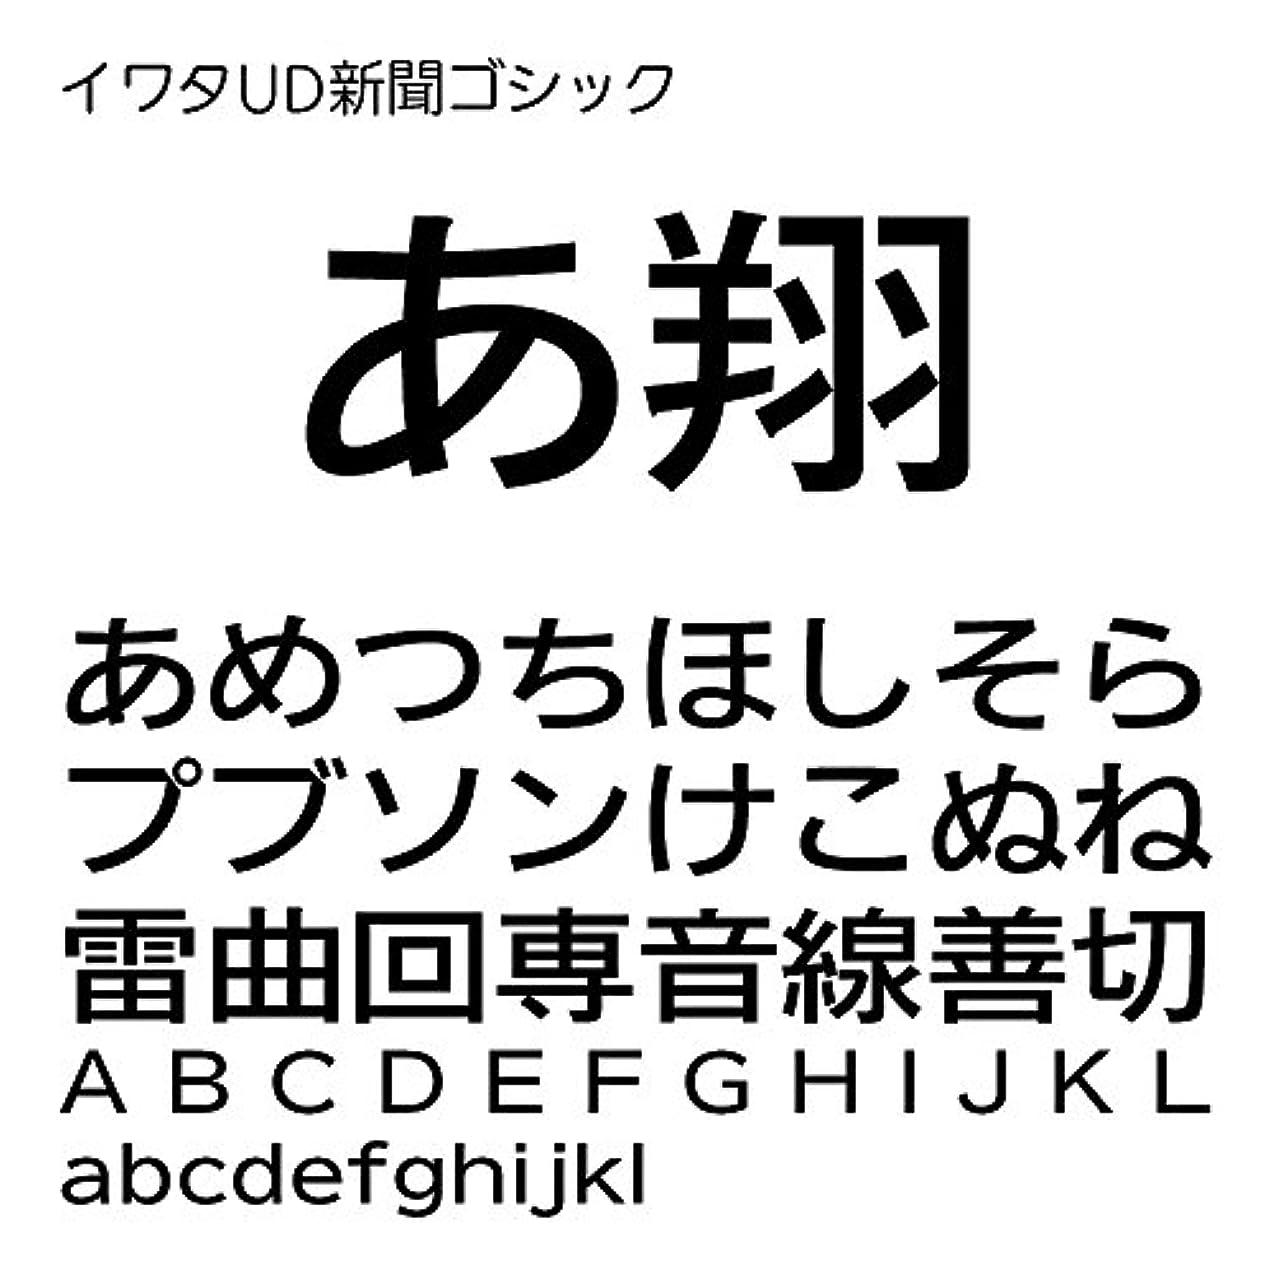 疲労独裁者出版イワタUD新聞ゴシックPro OpenType Font for Windows [ダウンロード]